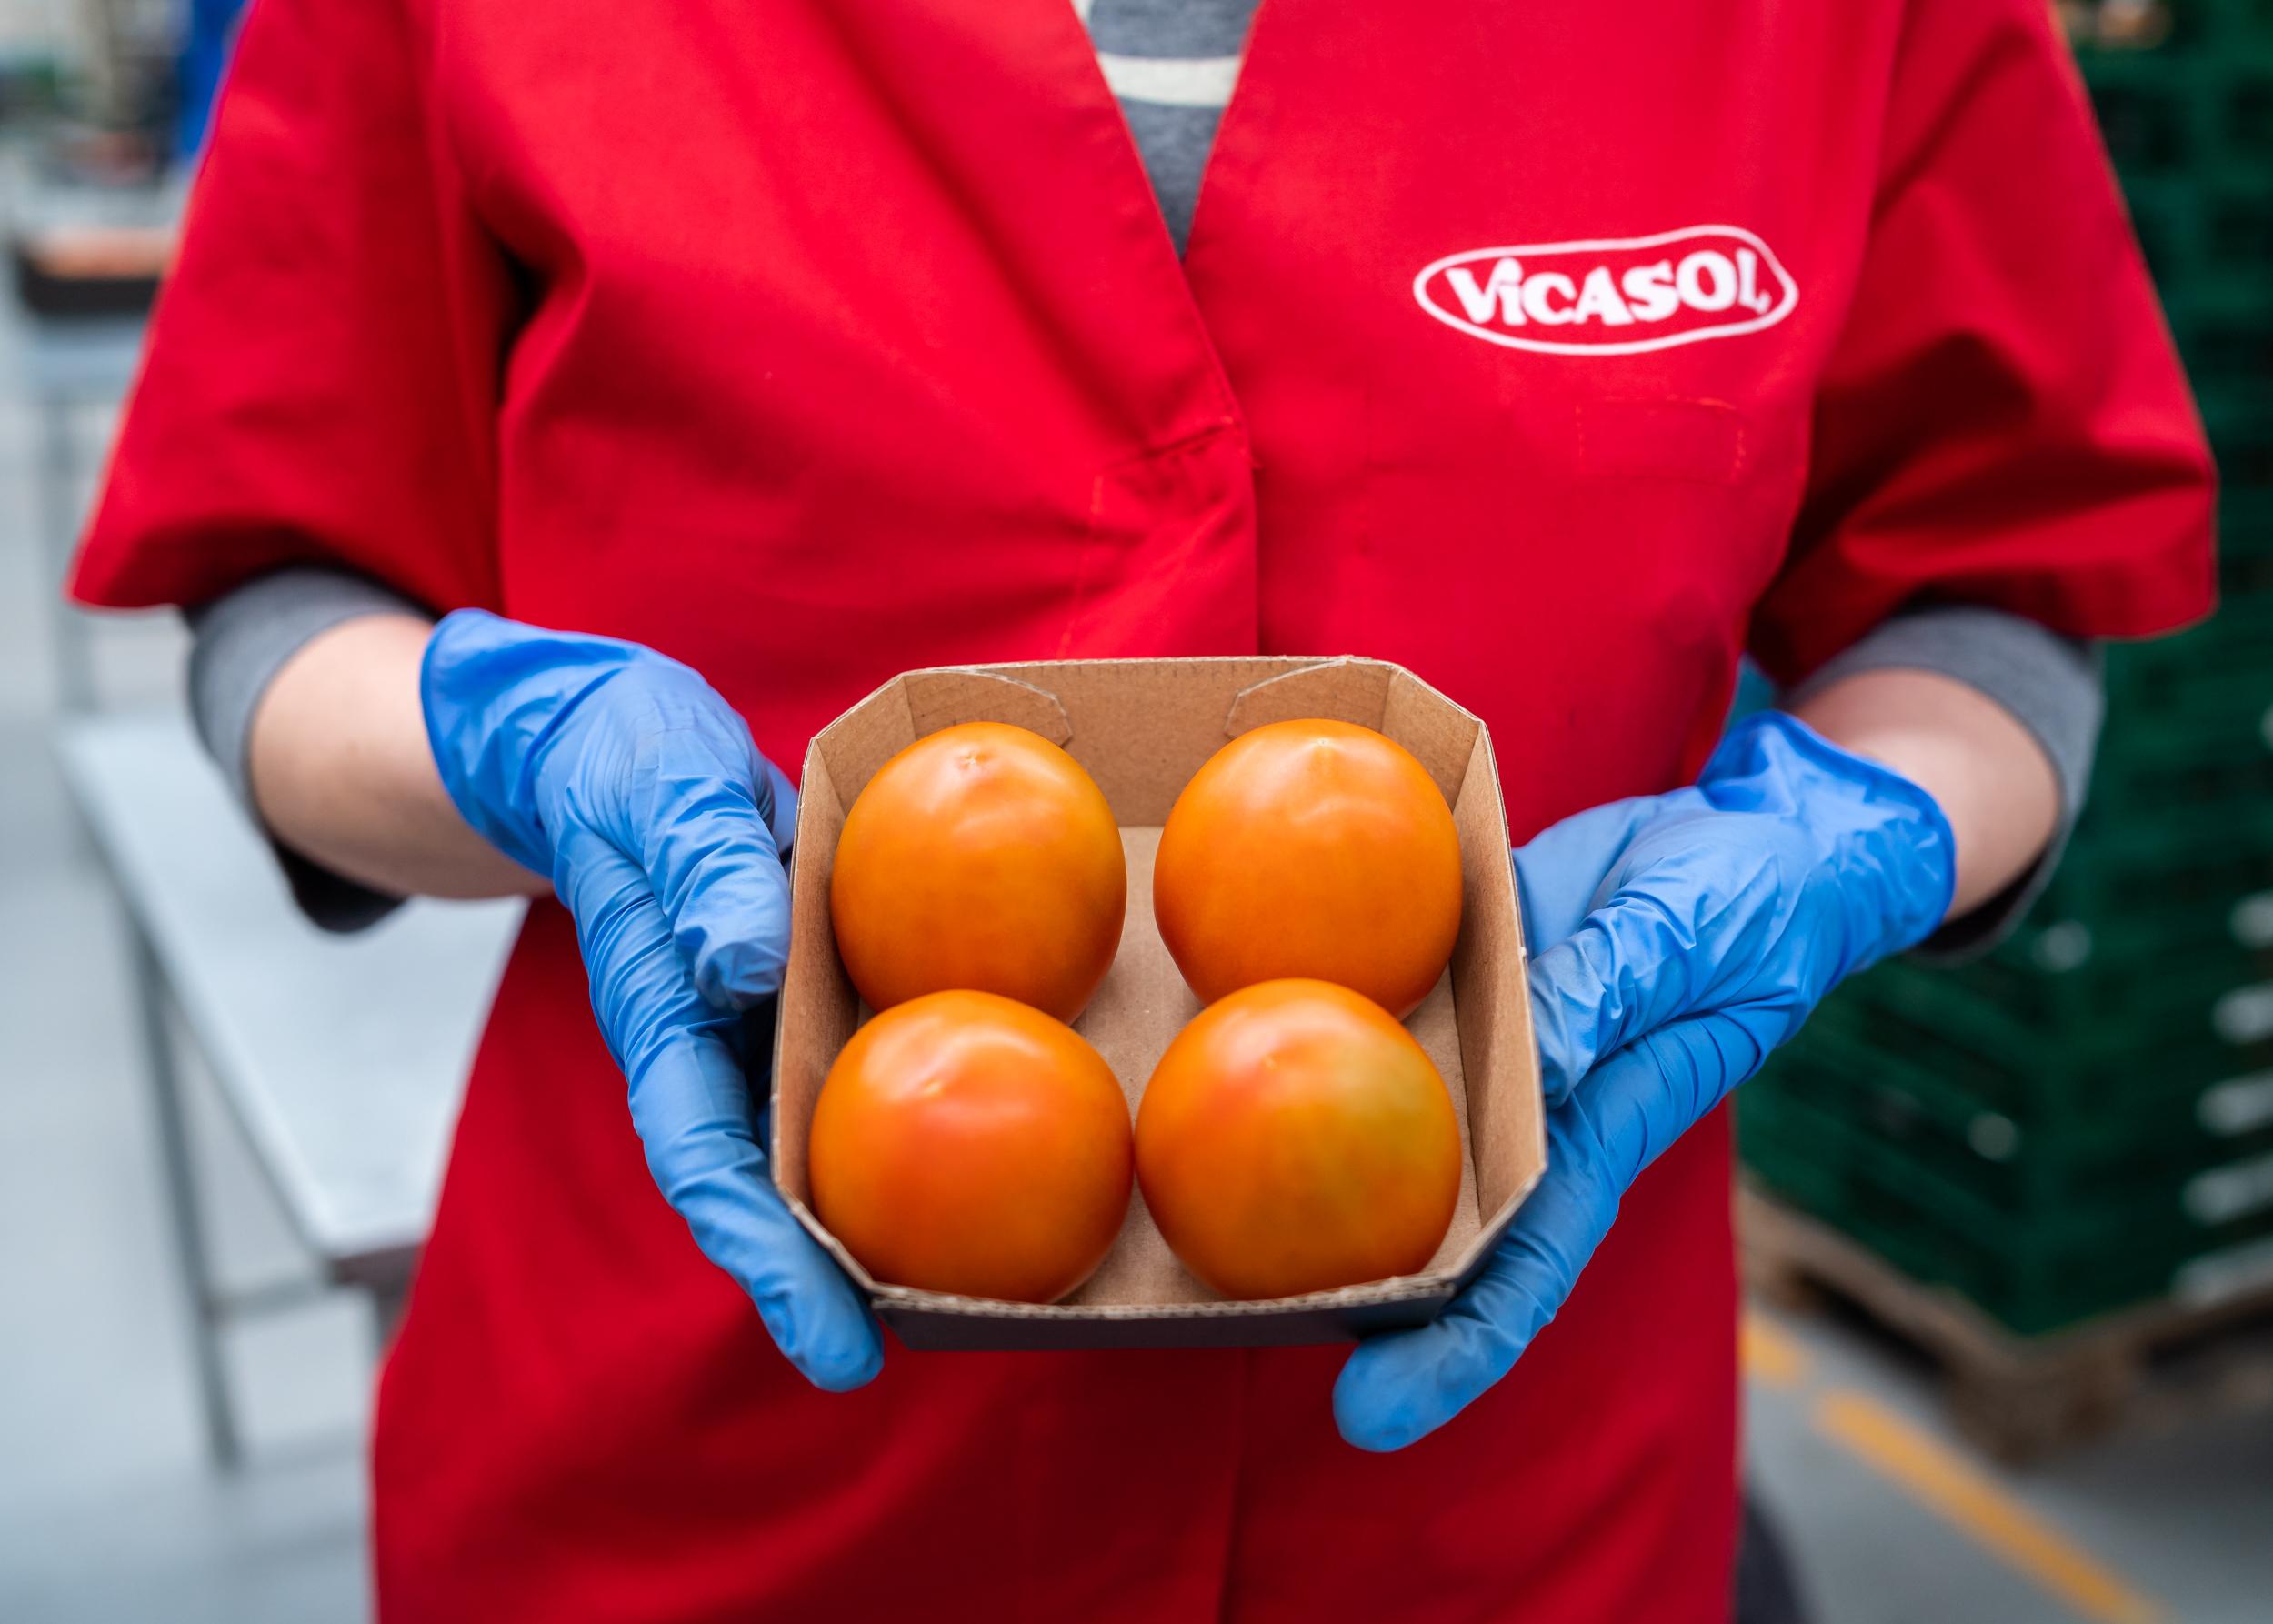 Vicasol afronta 2021 con la mirada puesta en el mercado gourmet, la sostenibilidad y el bienestar de sus socios agricultores